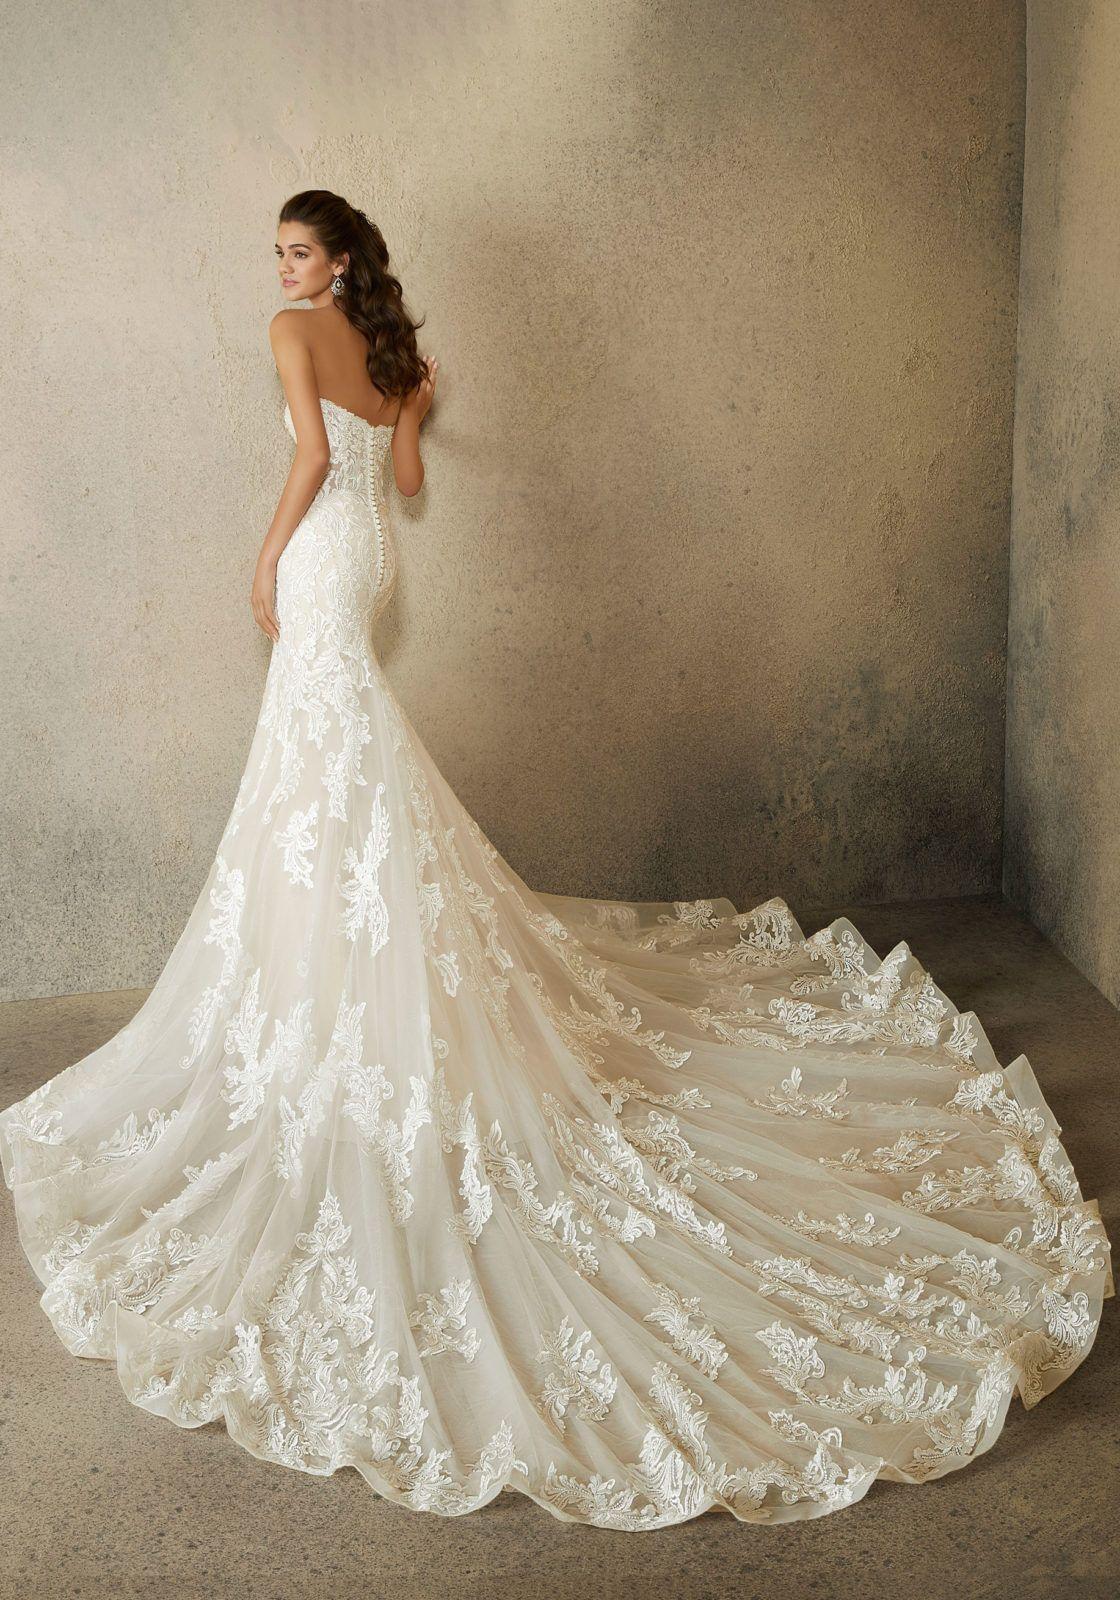 Rochelle Wedding Dress Morilee In 2020 Wedding Dresses Fit